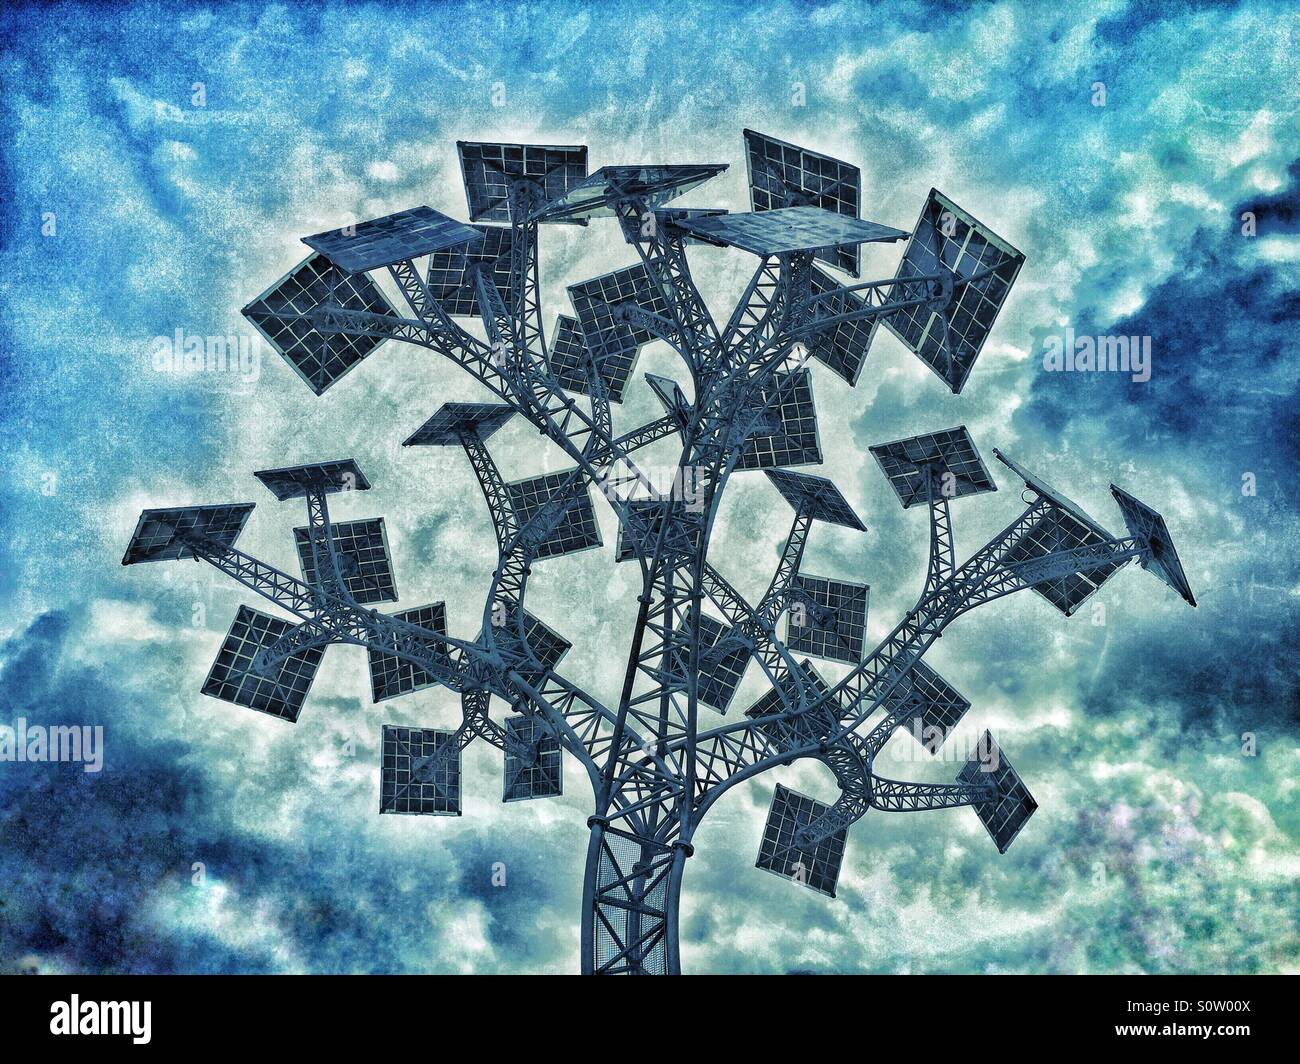 Die Energie-Baum im Millennium Square, Bristol, England. Freie Energie, für die breite Öffentlichkeit Stockbild